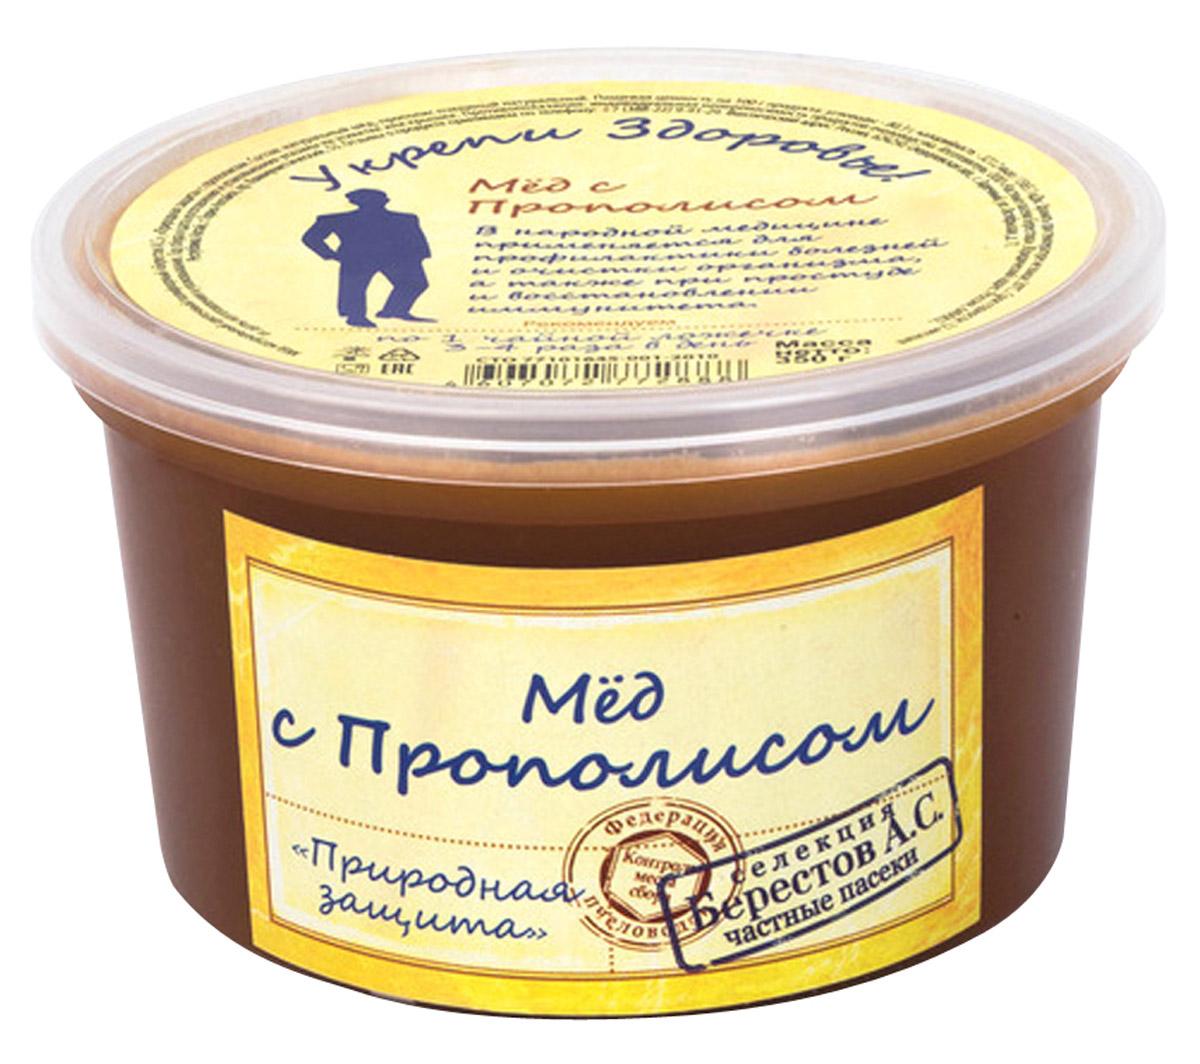 Берестов Мед с прополисом, 350 го0000004603Добавление прополиса делает мед уникальным биологическим веществом с усиленными целебными свойствами. Сочетание прополиса и мёда - это двойная доза полезных веществ!На вкус мед с прополисом сладкий с легкой горчинкой и ванильным послевкусием. Аромат приятный, бальзамический, со смолисто-медовыми нотками.Лечебные свойства:Мёд с прополисом может похвастаться богатым арсеналом целебных свойств и качеств. Мед и прополис - мощнейшие природные антибиотики, поэтому мёд с прополисом должен всегда быть под рукой как природная скорая помощь. Он мгновенно обезболивает, убивает вирусы и способствует быстрому восстановлению иммунитета. Эффективен не только в чистом виде, но и в качестве ингаляций, полосканий и капель в нос или глаза. Полезен при гастритах, болезнях сердца и печени, в качестве профилактики в сезон простуд. Подходит и для наружного применения - как ранозаживляющее и в виде компрессов при суставных заболеваниях.Сезонная коллекция меда Берестов. Мед контролируемого места происхождения. В состав линейки включается расширенный ассортимент, в том числе редких сортов. Коллекция Мед с частных пасек получила свое распространение на сезонных фестивалях и ярмарках.В коллекции представлена широкая гамма медов с частных пасек Алтайского края, Башкортостана, Хабаровского края, Краснодарского края, Украины, Киргизии, Средней полосы России. Редкие сорта меда представляются только на фестивалях и ярмарках ввиду того что собираемых пчеловодами объемов недостаточно для продажи их в течение всего года. Упаковка меда ведется холодным методом сохраняющим 100% биологических свойств продукта. Упаковка производится на Берестовской фабрике натуральных продуктов сертифицированной по стандарту менеджмента качества ISO.